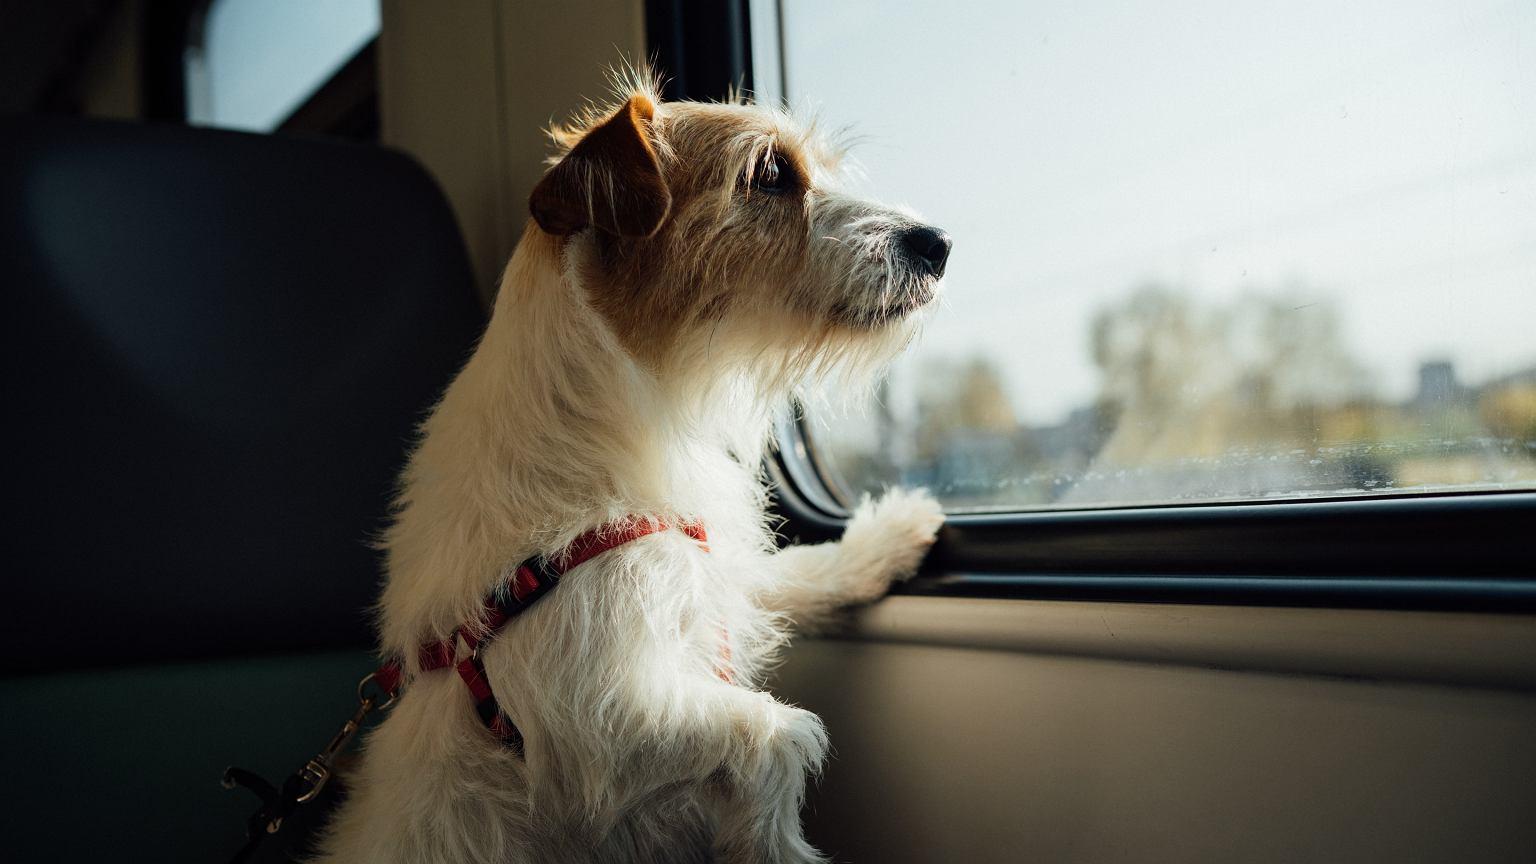 Qeni i humbur udhëtoi 380 kilometra për t'u kthyer në shtëpi